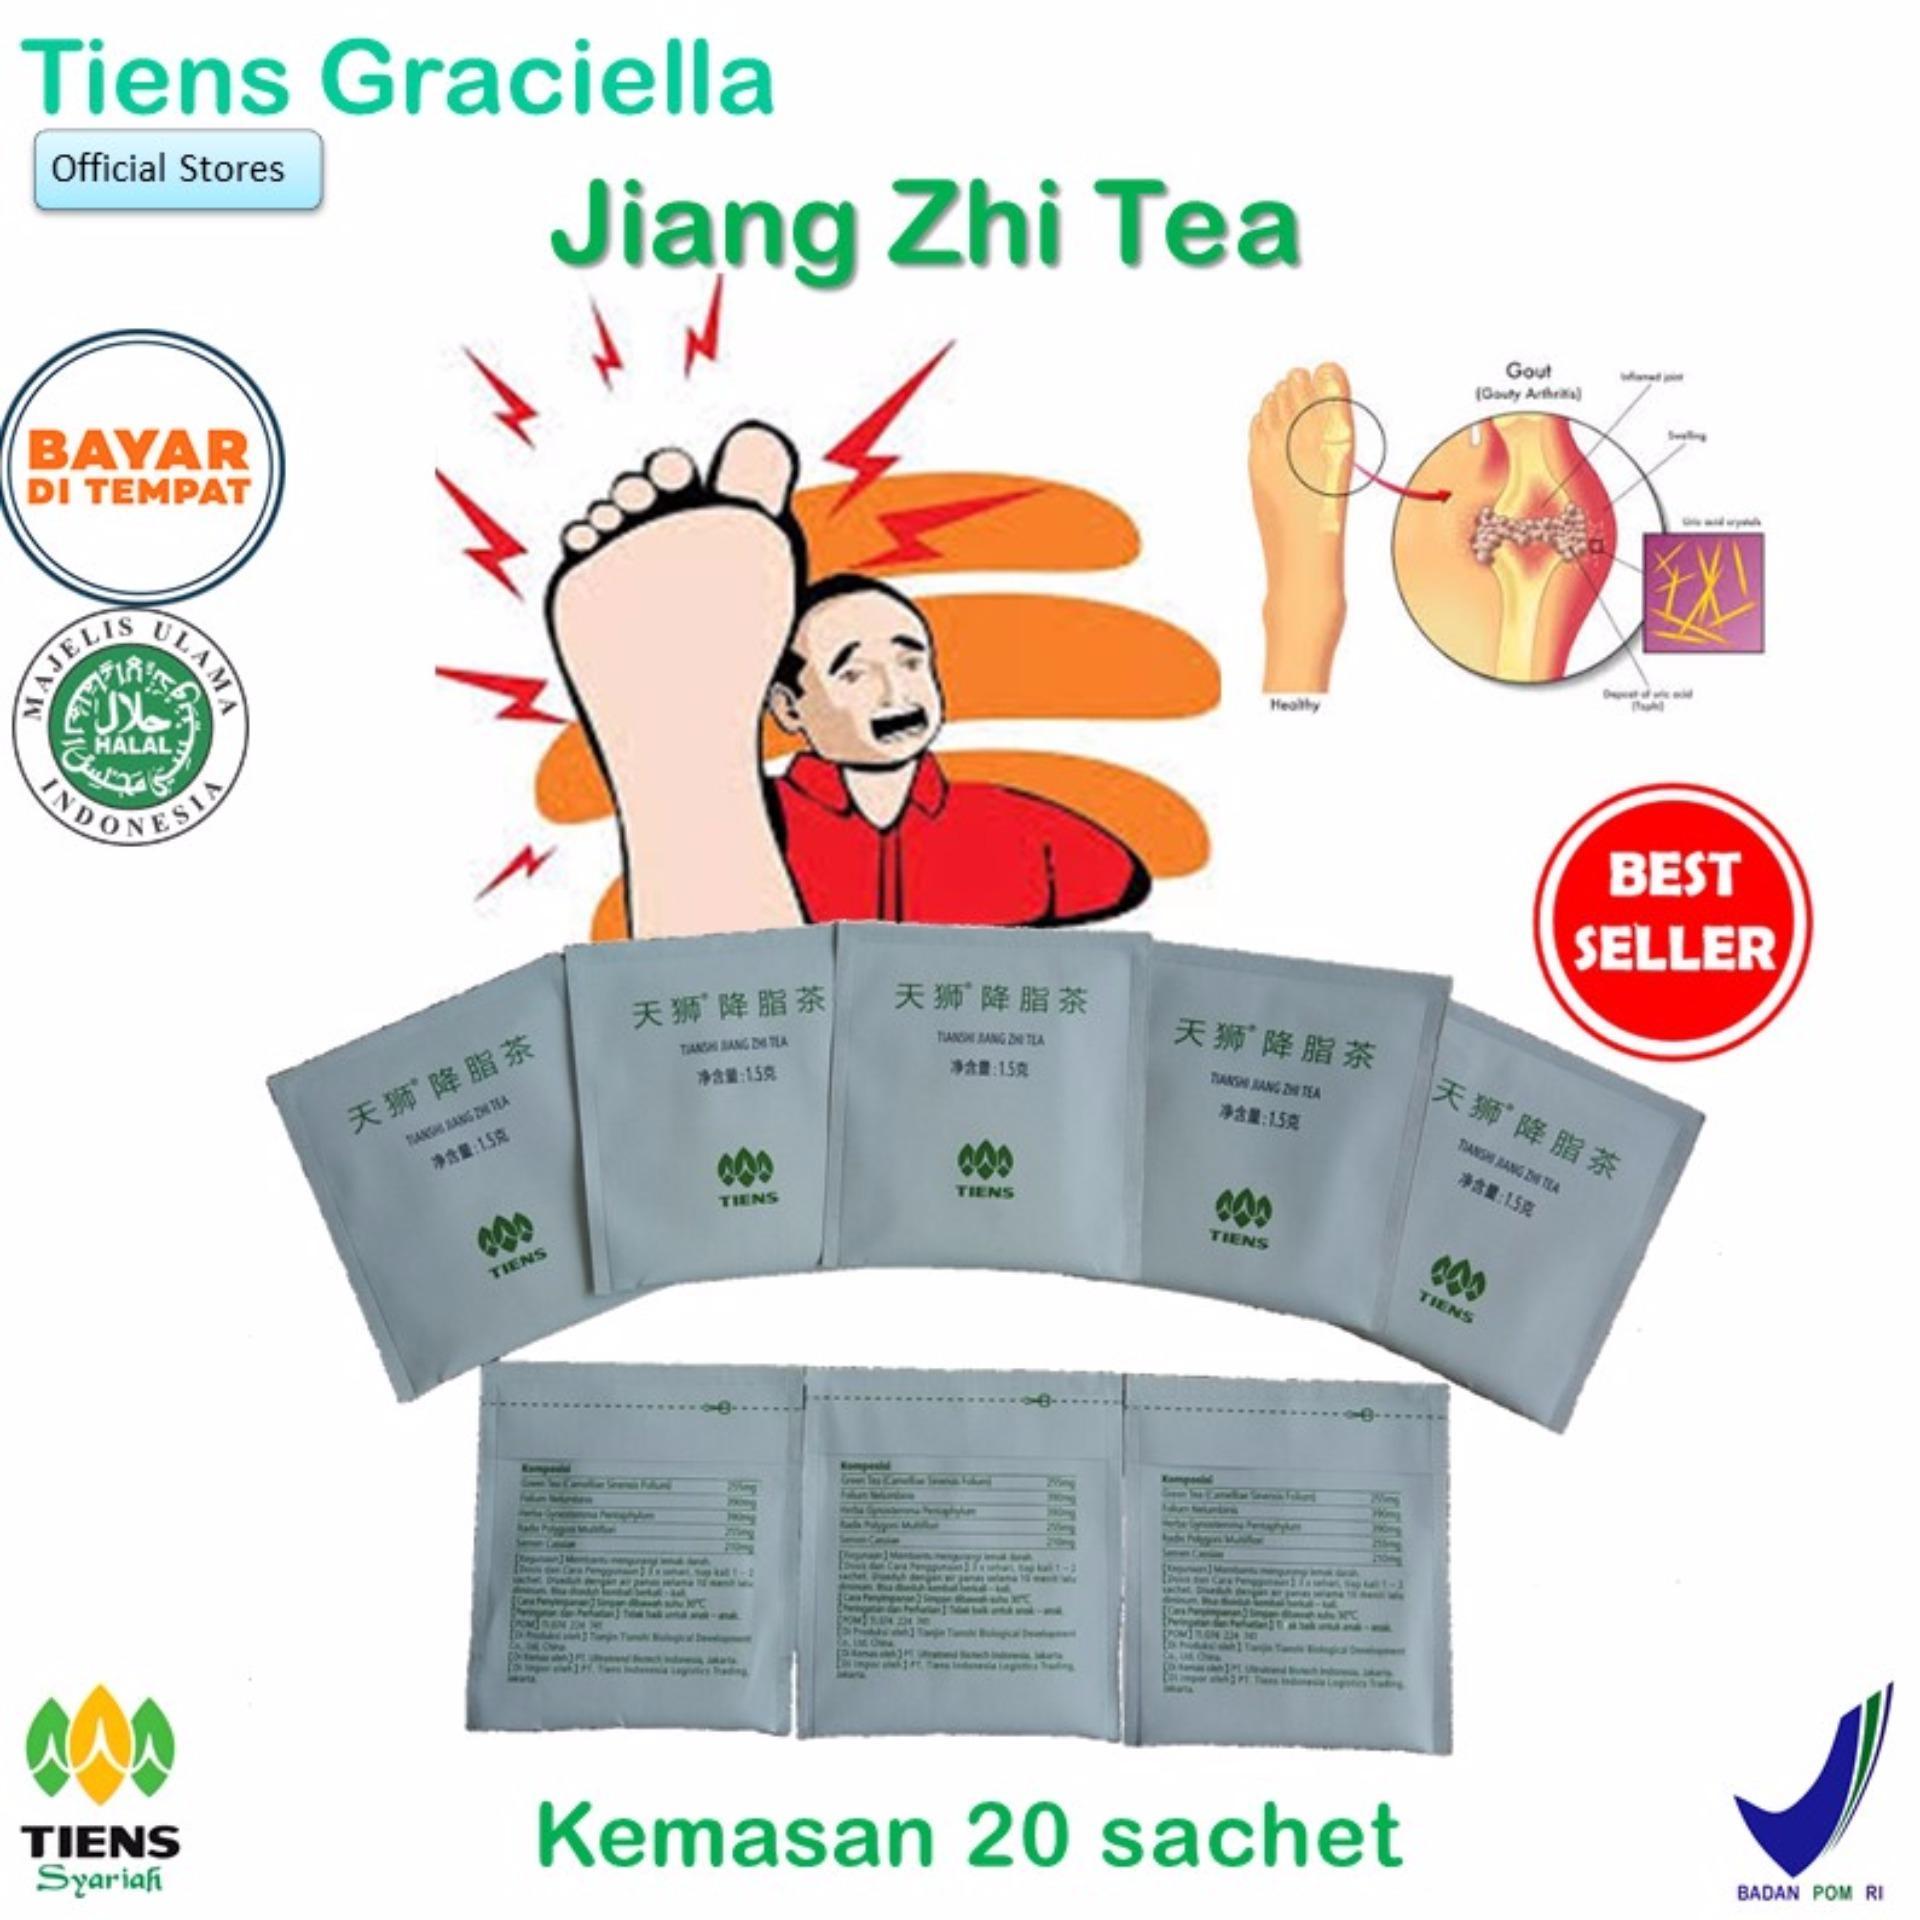 Tiens Promo Super Spesial Teh Penurun Asam Urat Jiang Zhi Tea [20 Sachet] + GRATIS Kartu Diskon Tiens Graciella